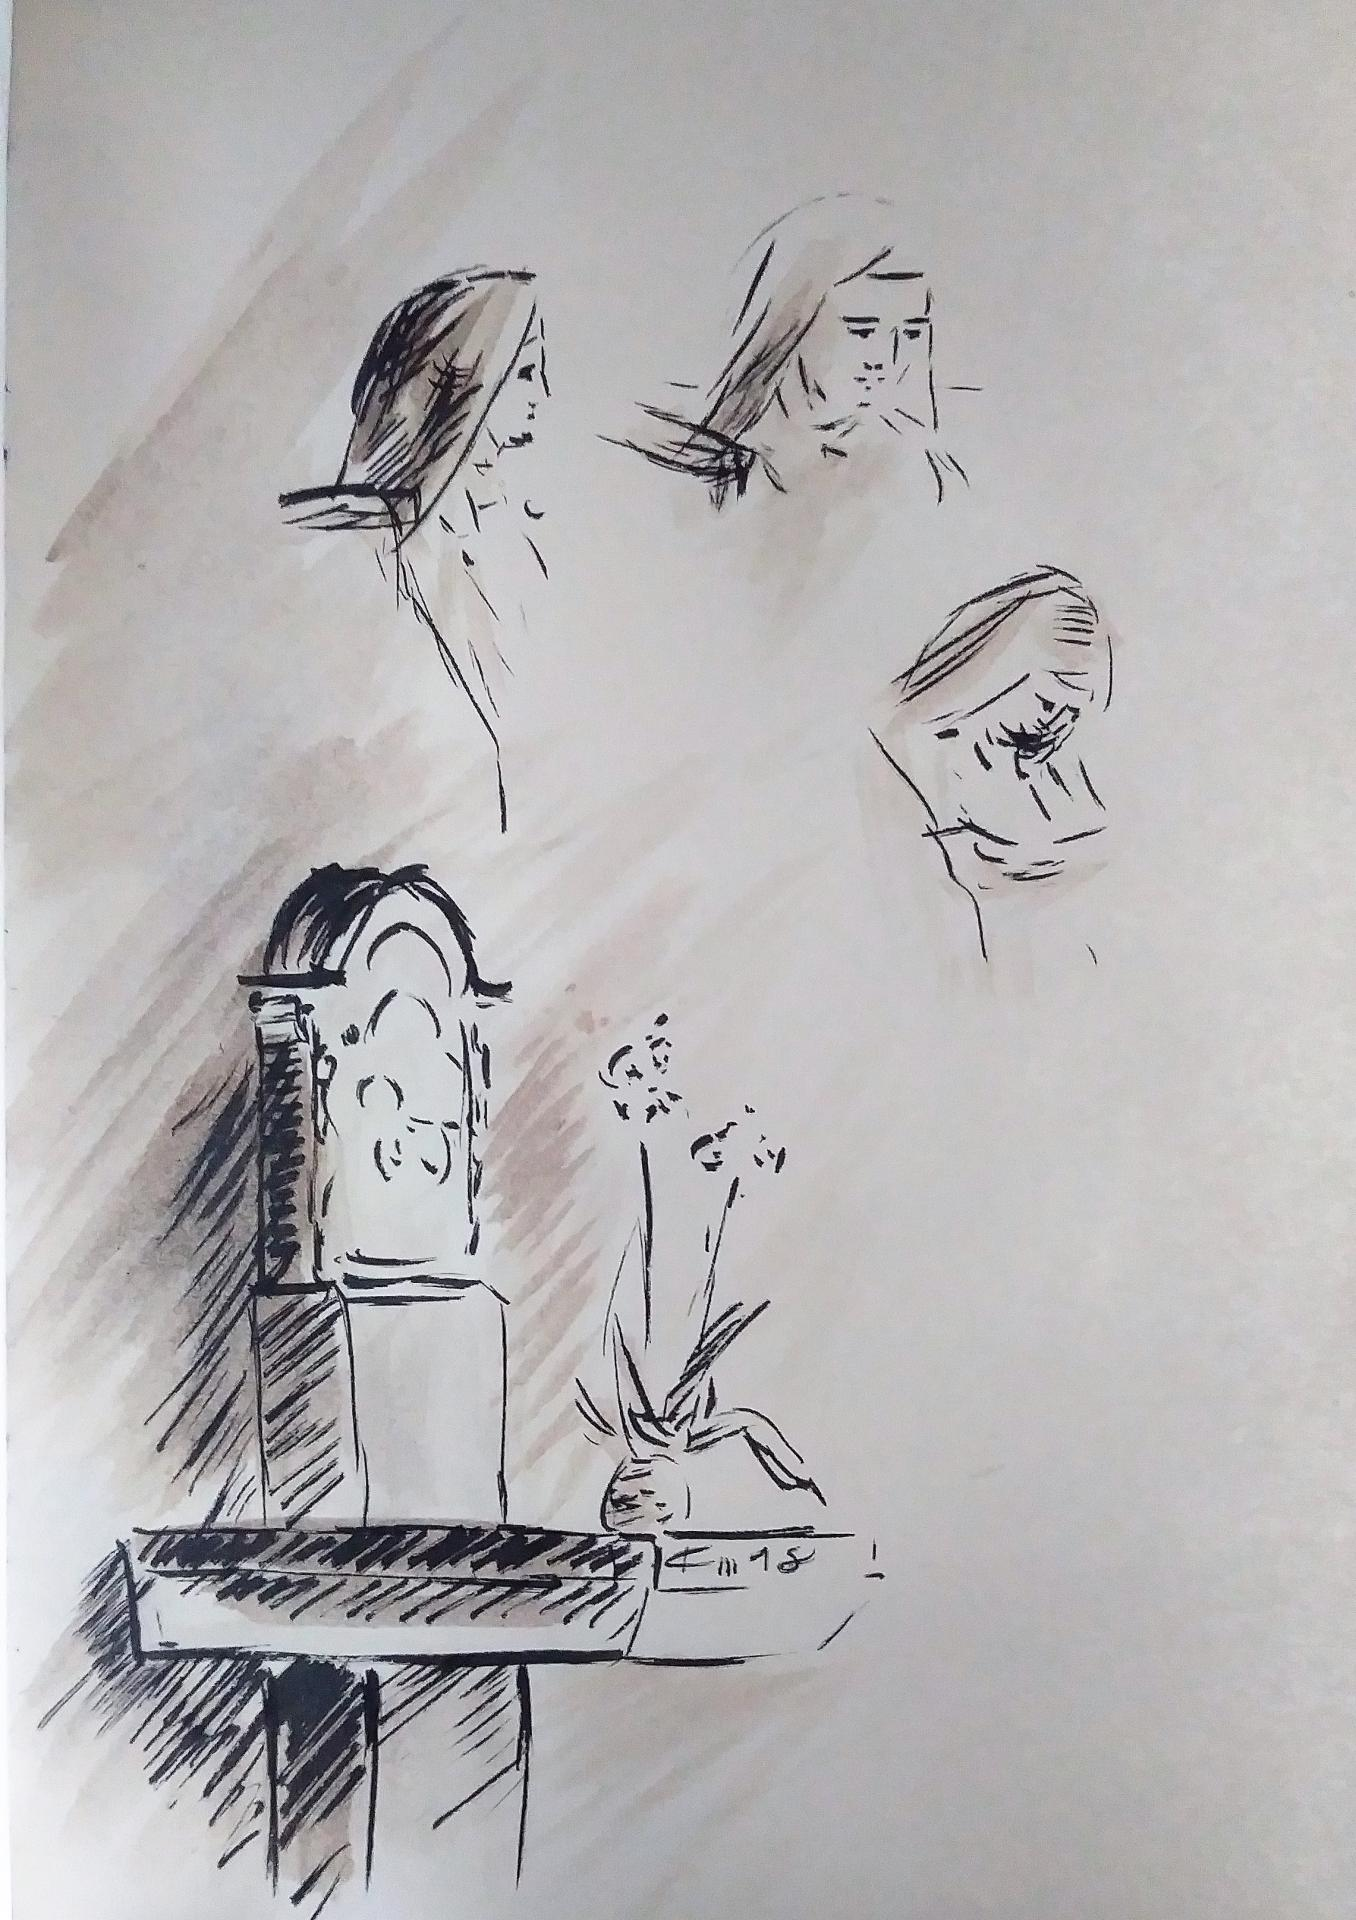 12 Mai 2018, évangile du jour illustré par un dessin au lavis